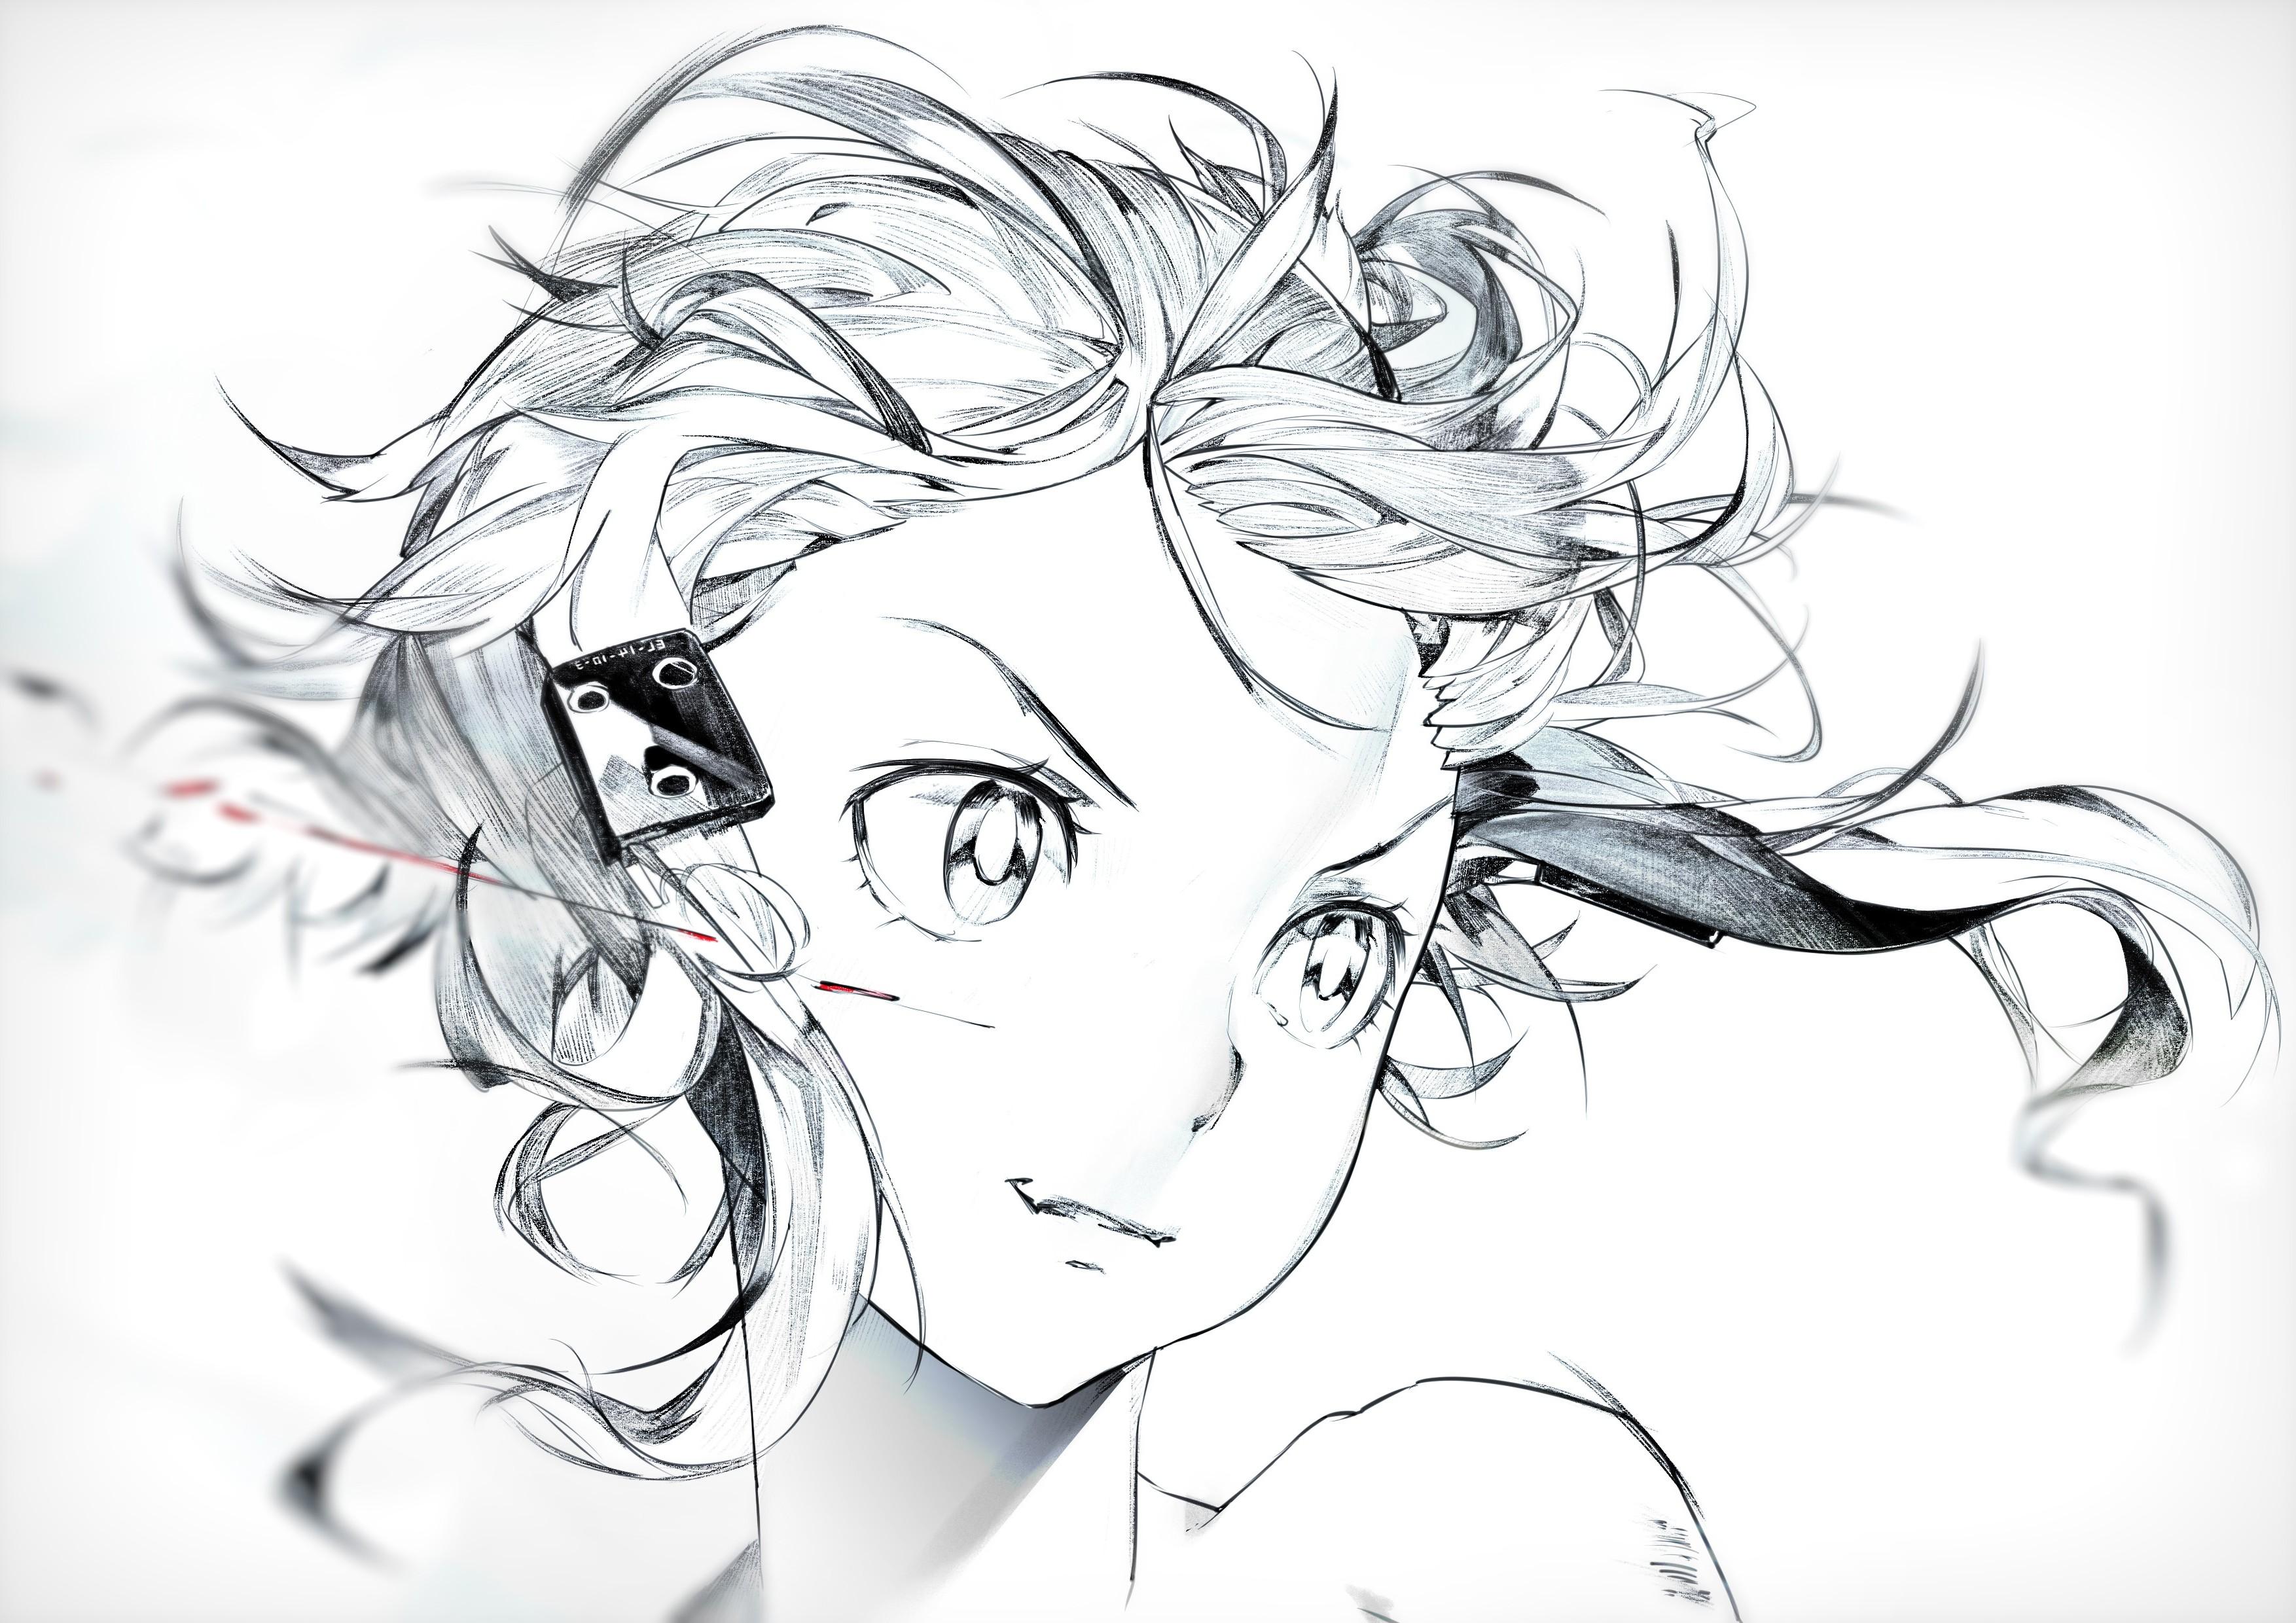 3508x2480 Wallpaper Illustration, Anime Girls, Sword Art Online, Artwork